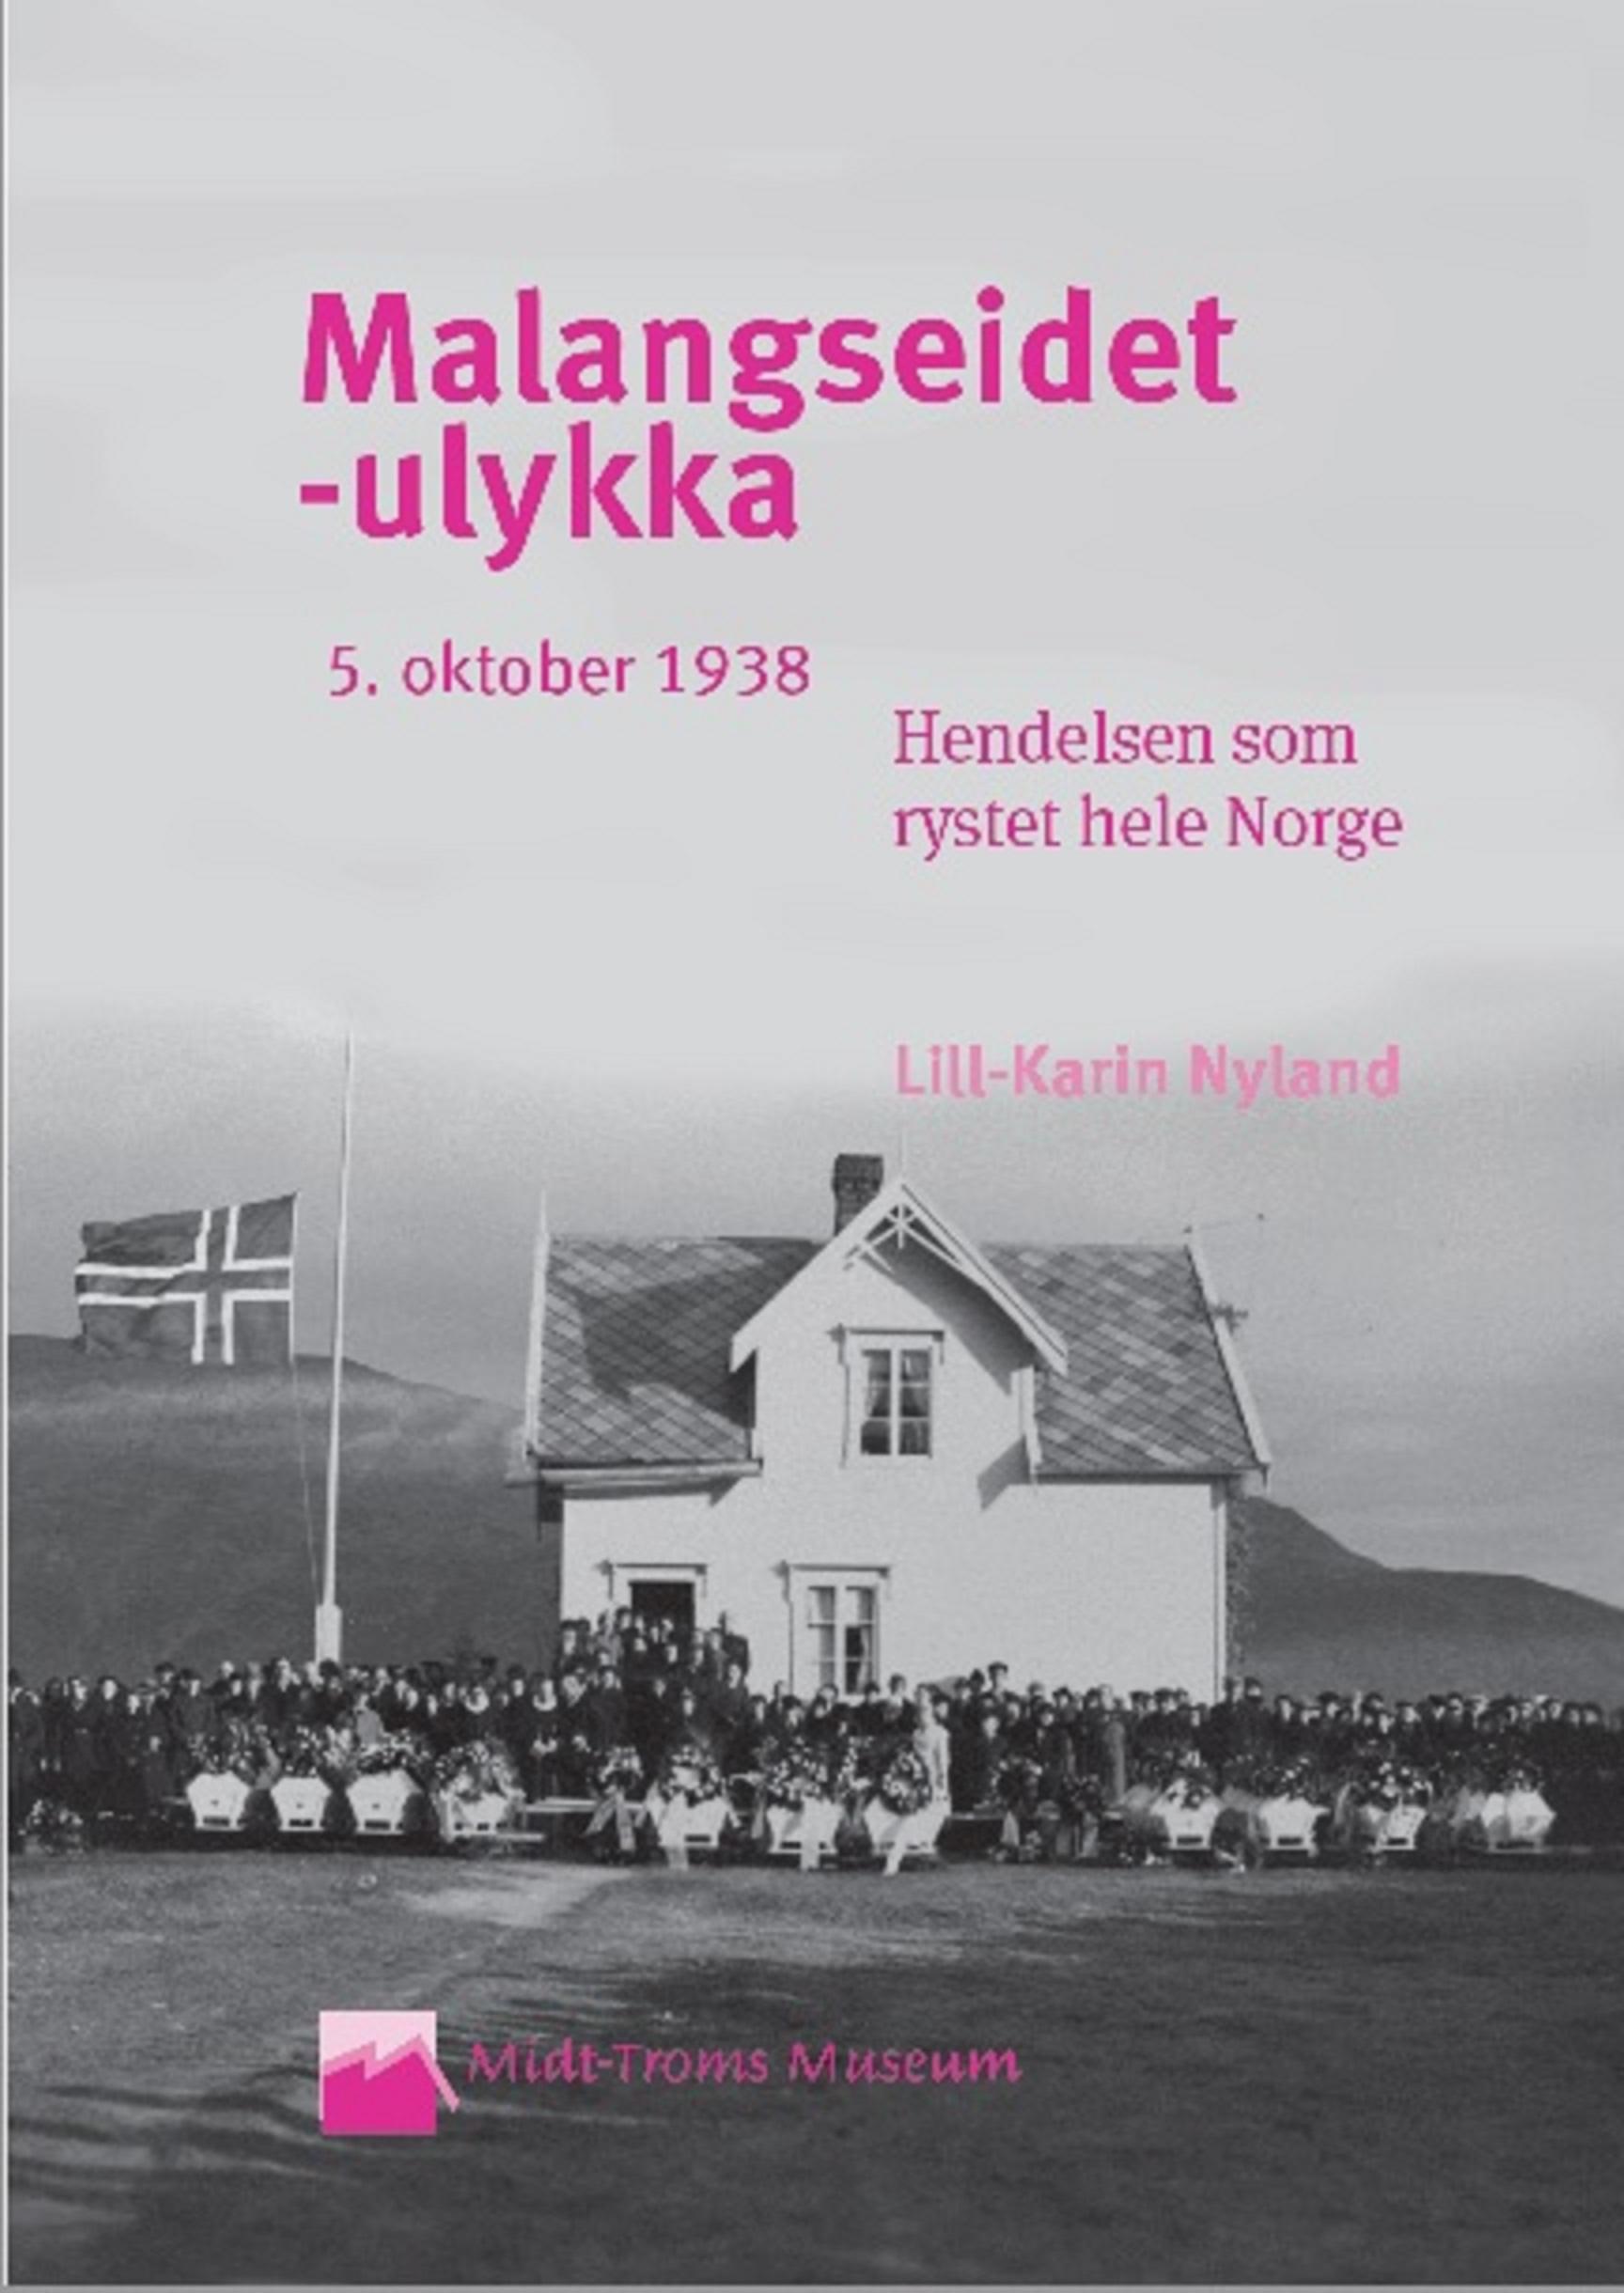 Malangseidet-ulykka: Hendelsen som rystet hele Norge - Da det grydde av dag 5. oktober 1938, var et bygdesamfunn i Troms blitt 12 menneskeliv fattigere. Hendelsen sendte sjokkbølger utover landet. De skulle jo bare ro ut til melkebåten. De skulle jo bare gjøre de samme, dagligdagse ærendene som de alltid hadde gjort. Men denne morgenen gikk noe fryktelig galt.Hvordan kunne det skje? Hadde noen skyld? Hvordan fulgte storsamfunnet opp? Hvordan ble de etterlatte tatt hånd om? I denne boka får du vite alt som skjedde før, under og etter den dramatiske Malangseidet-ulykka. Du får lese intervjuer med de få gjenlevende tidsvitnene, og du får innblikk i datidas etterforskning, livsvilkår og tenkemåte.Midt-Troms museum forlag, 2012. Bestill her: mtmu.no